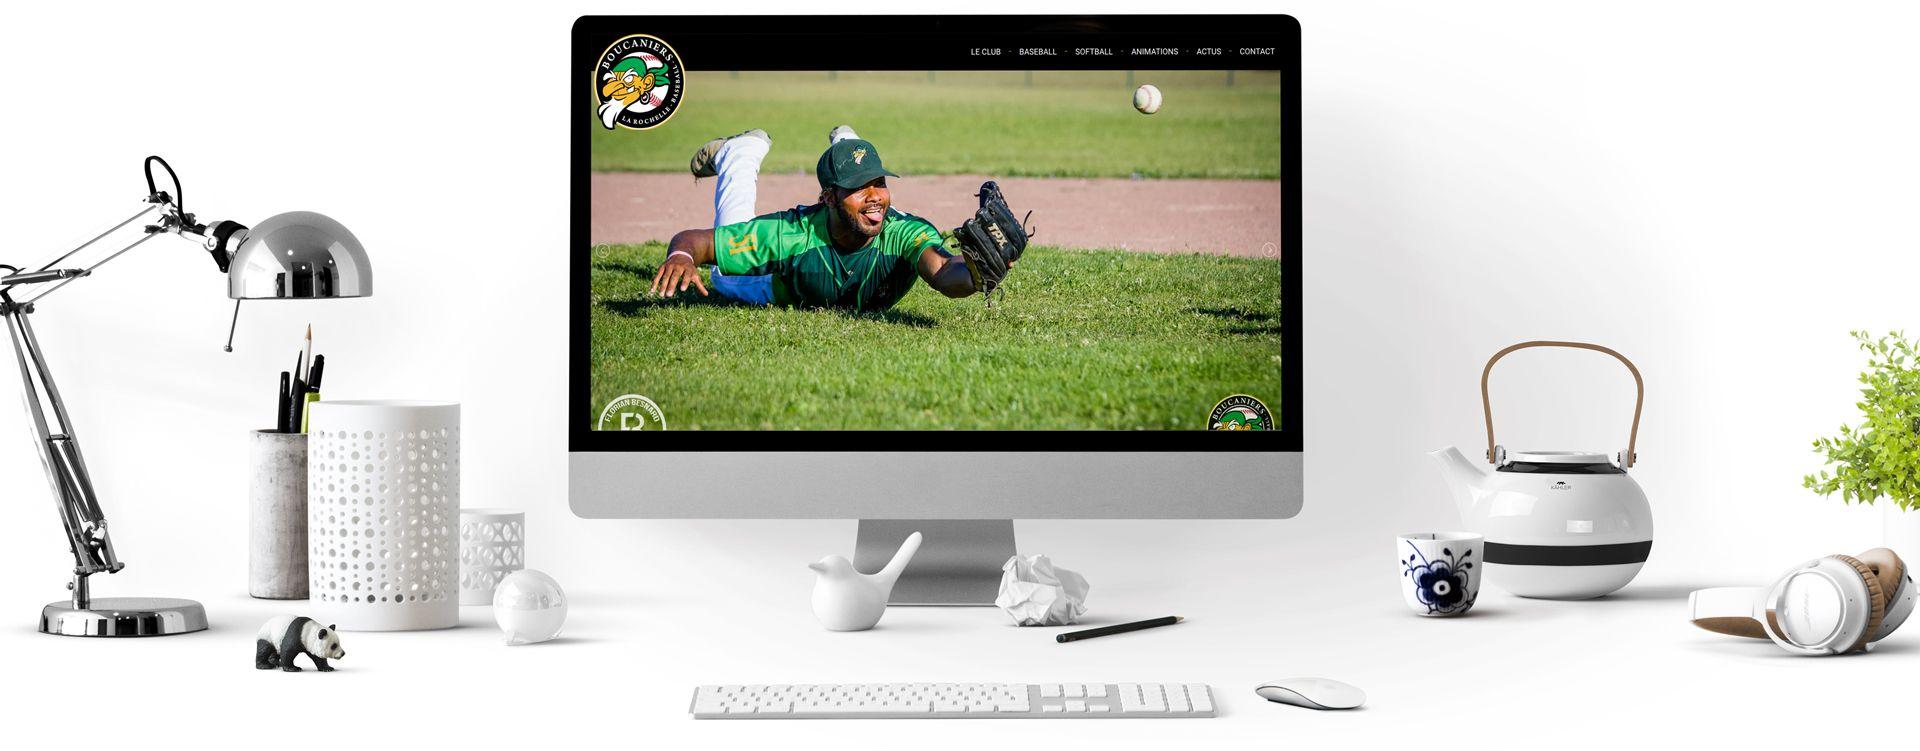 boucaniers-baseball